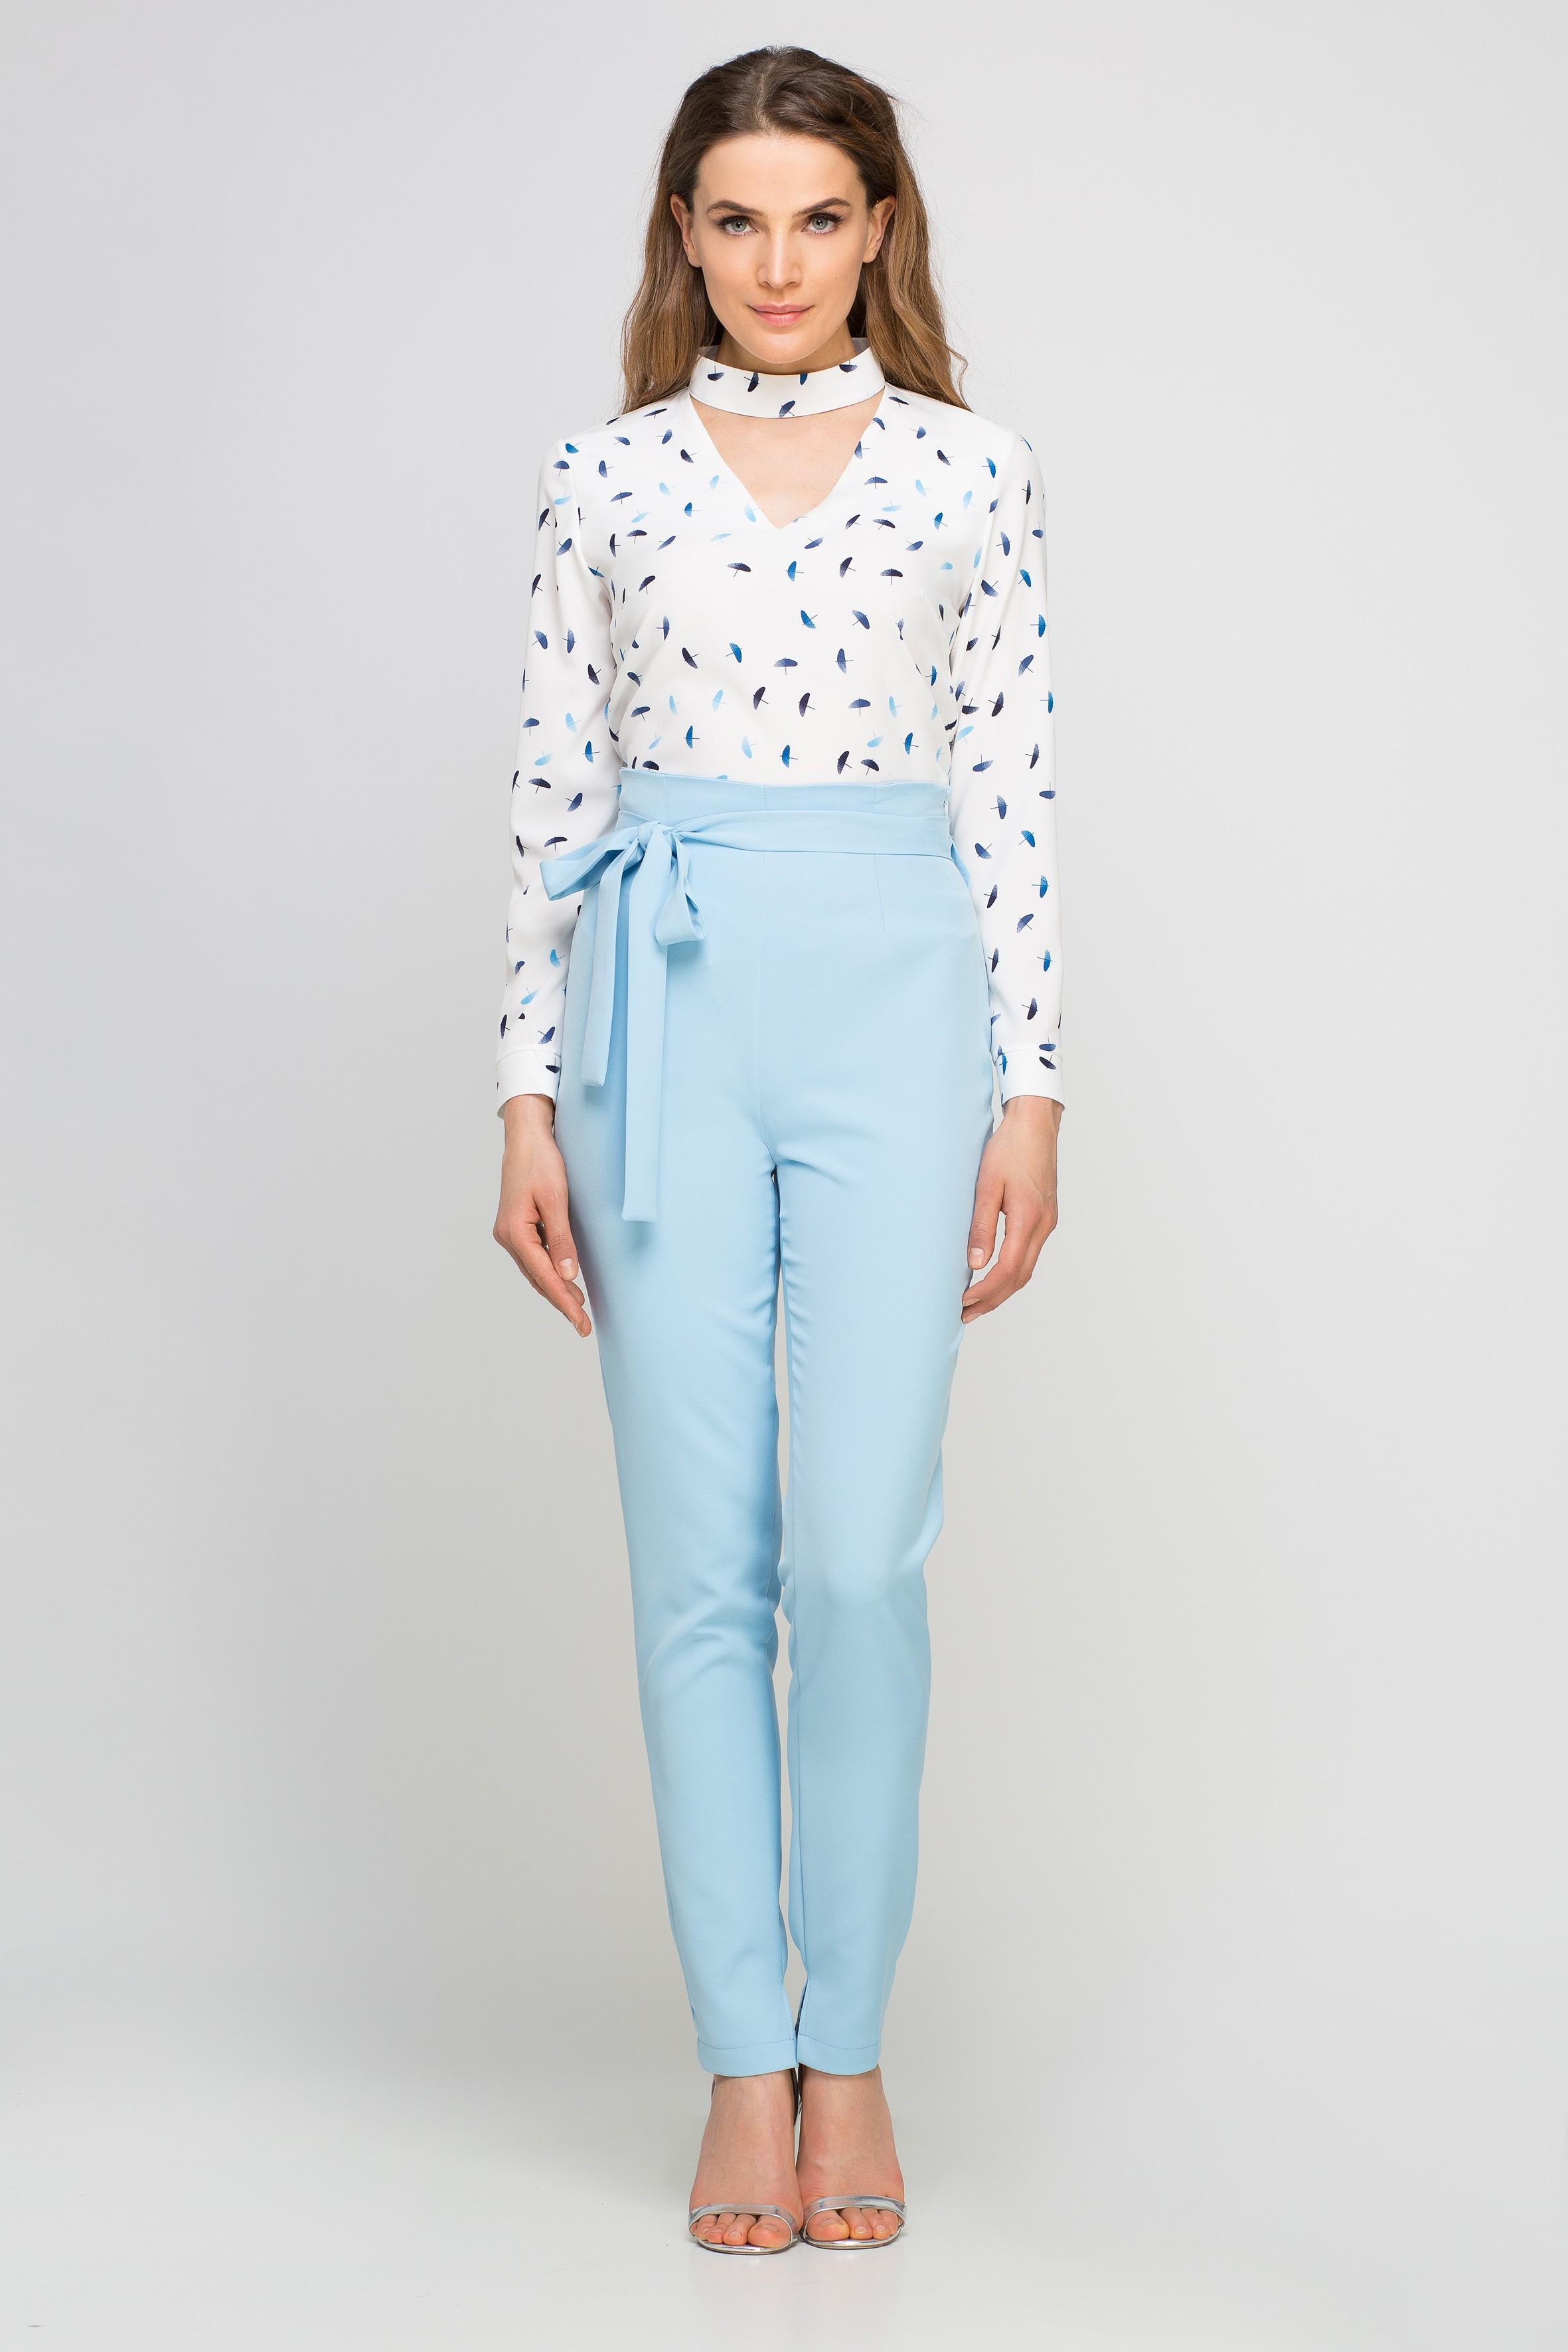 Spodnie z szarfą, SD113 błękit Lanti